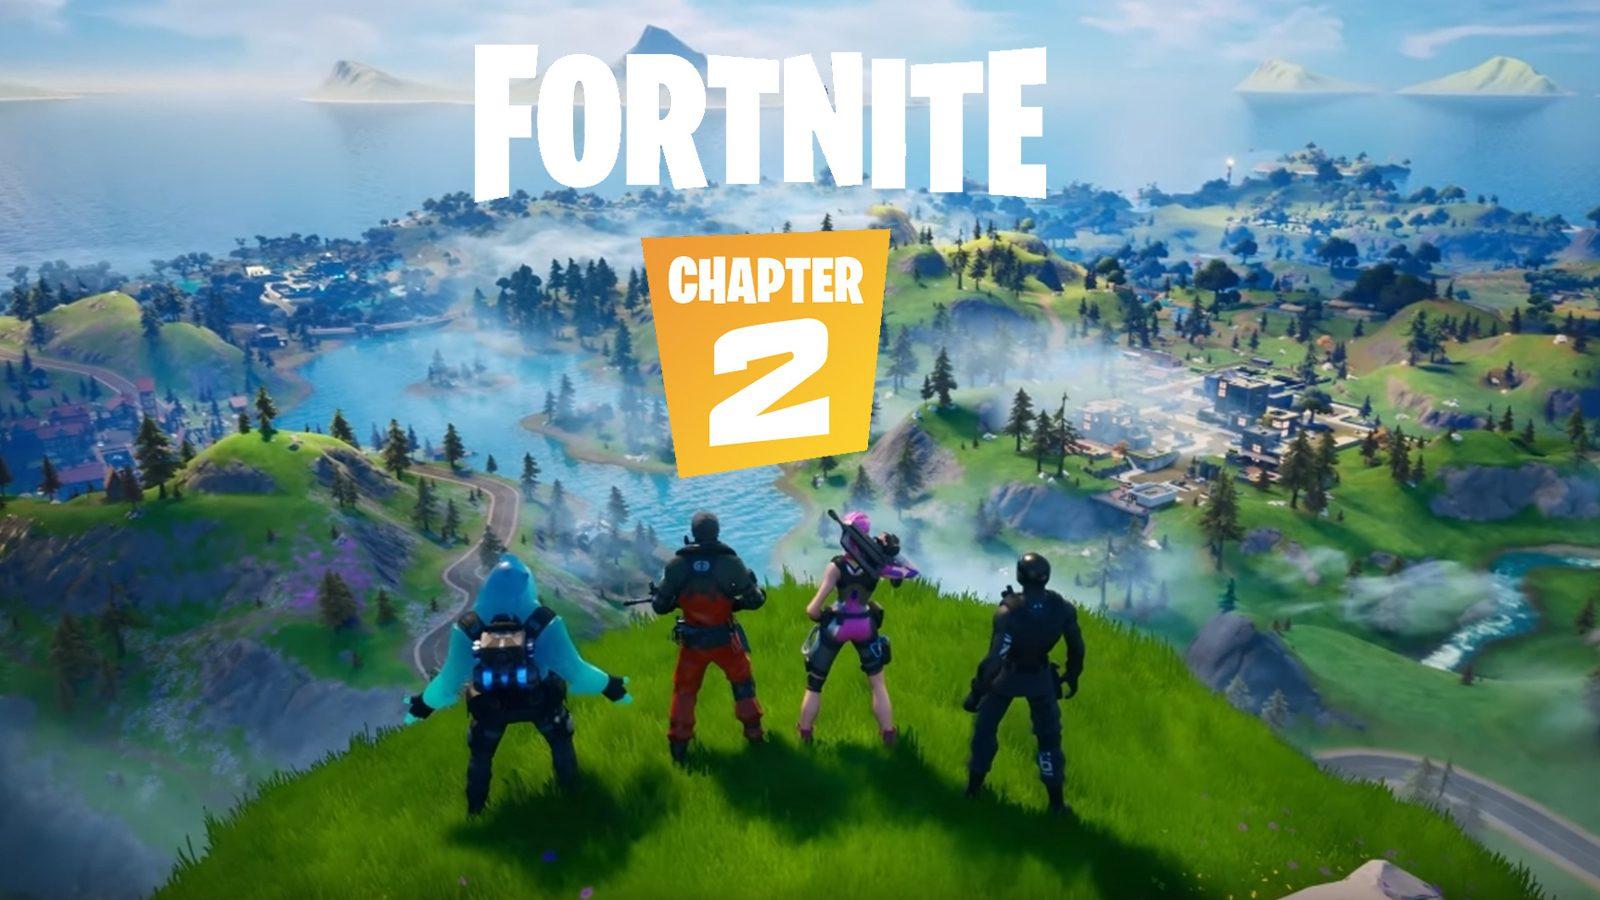 Fortnite Chapter 2 sezon 2 başlangıç tarihi